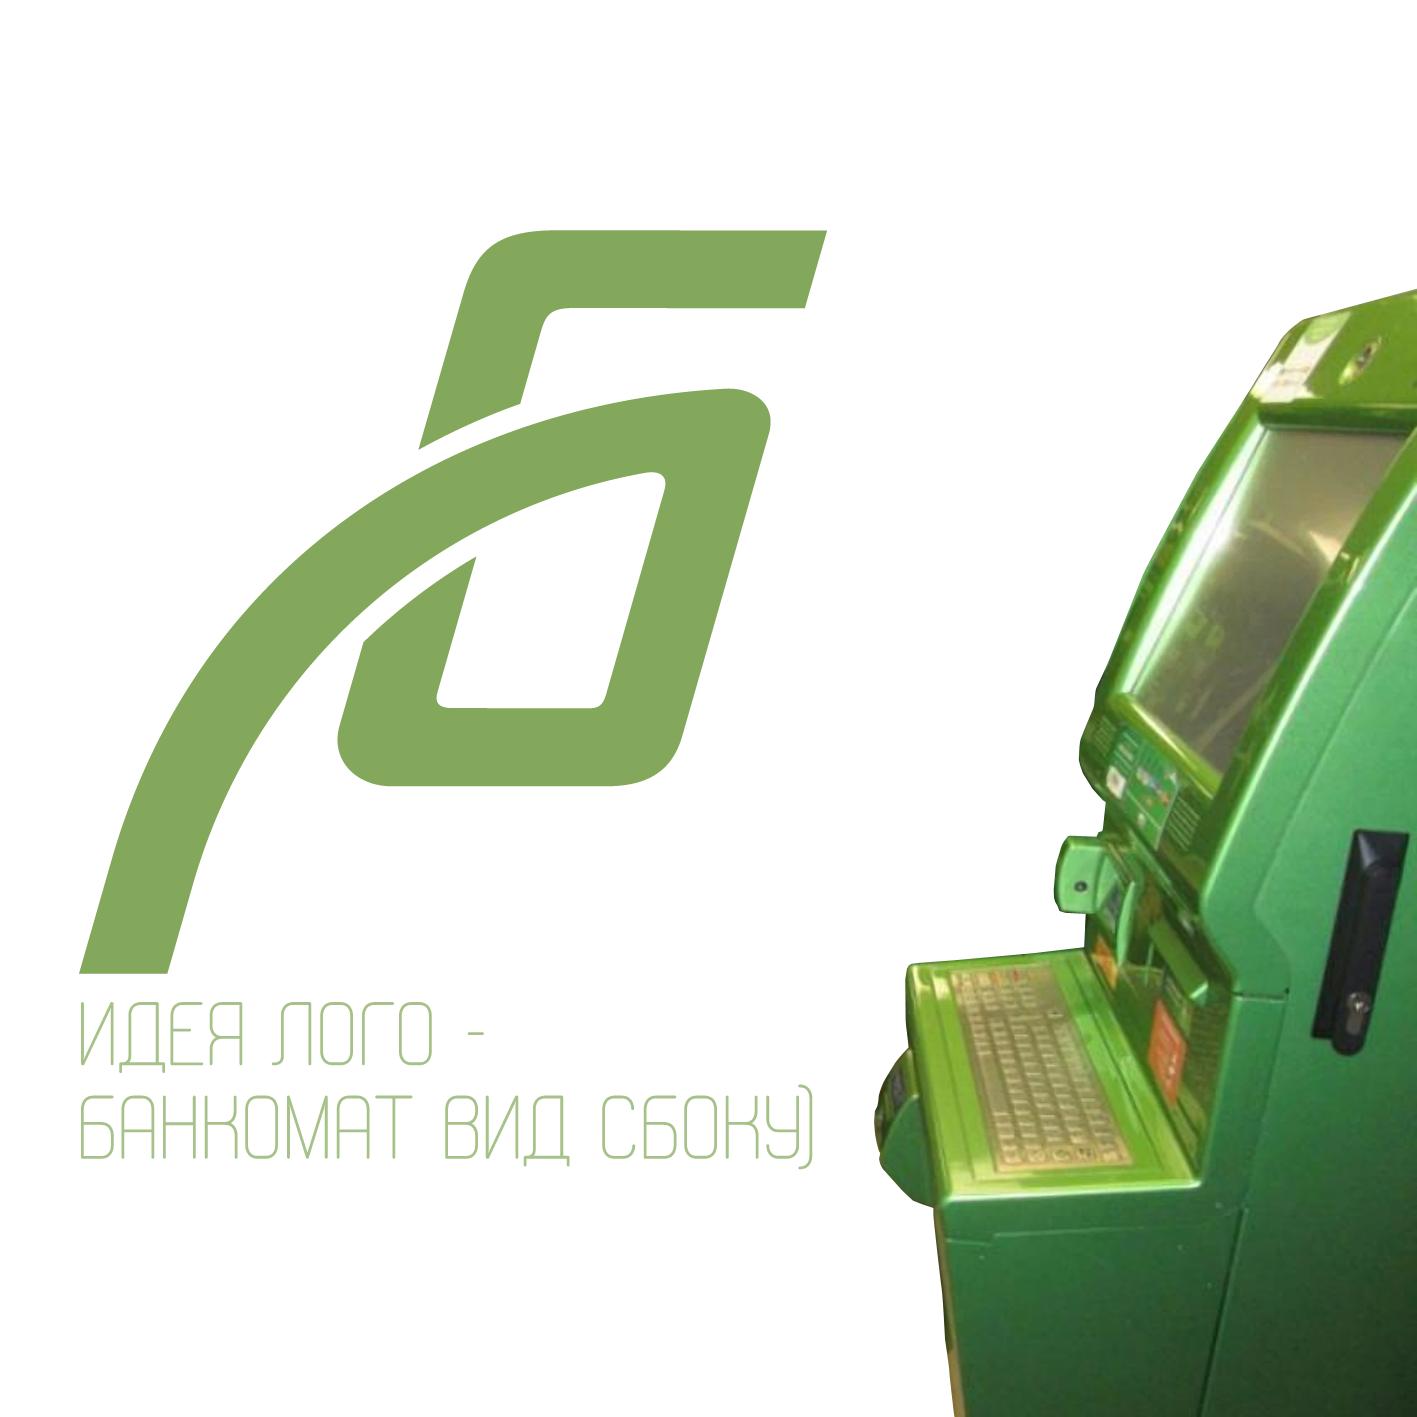 Разработка логотипа и слогана для транспортной компании фото f_4675885252173136.png